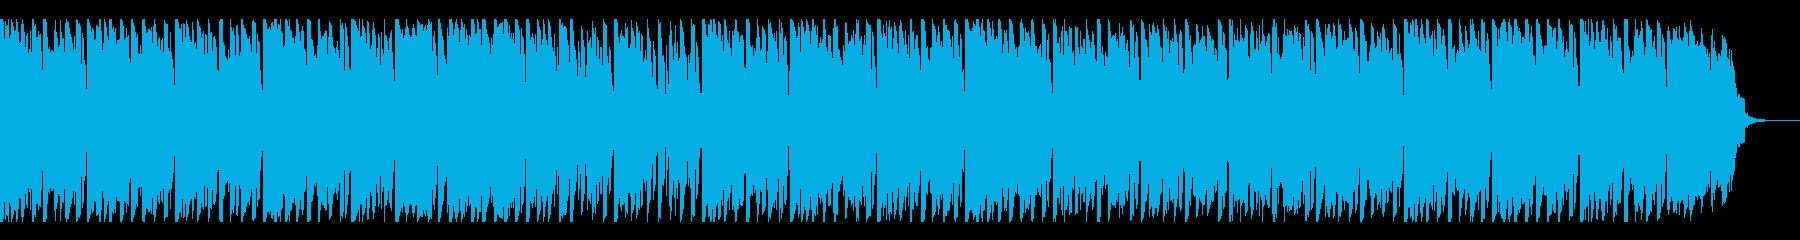 ほのぼのとしたレゲエカントリーの再生済みの波形